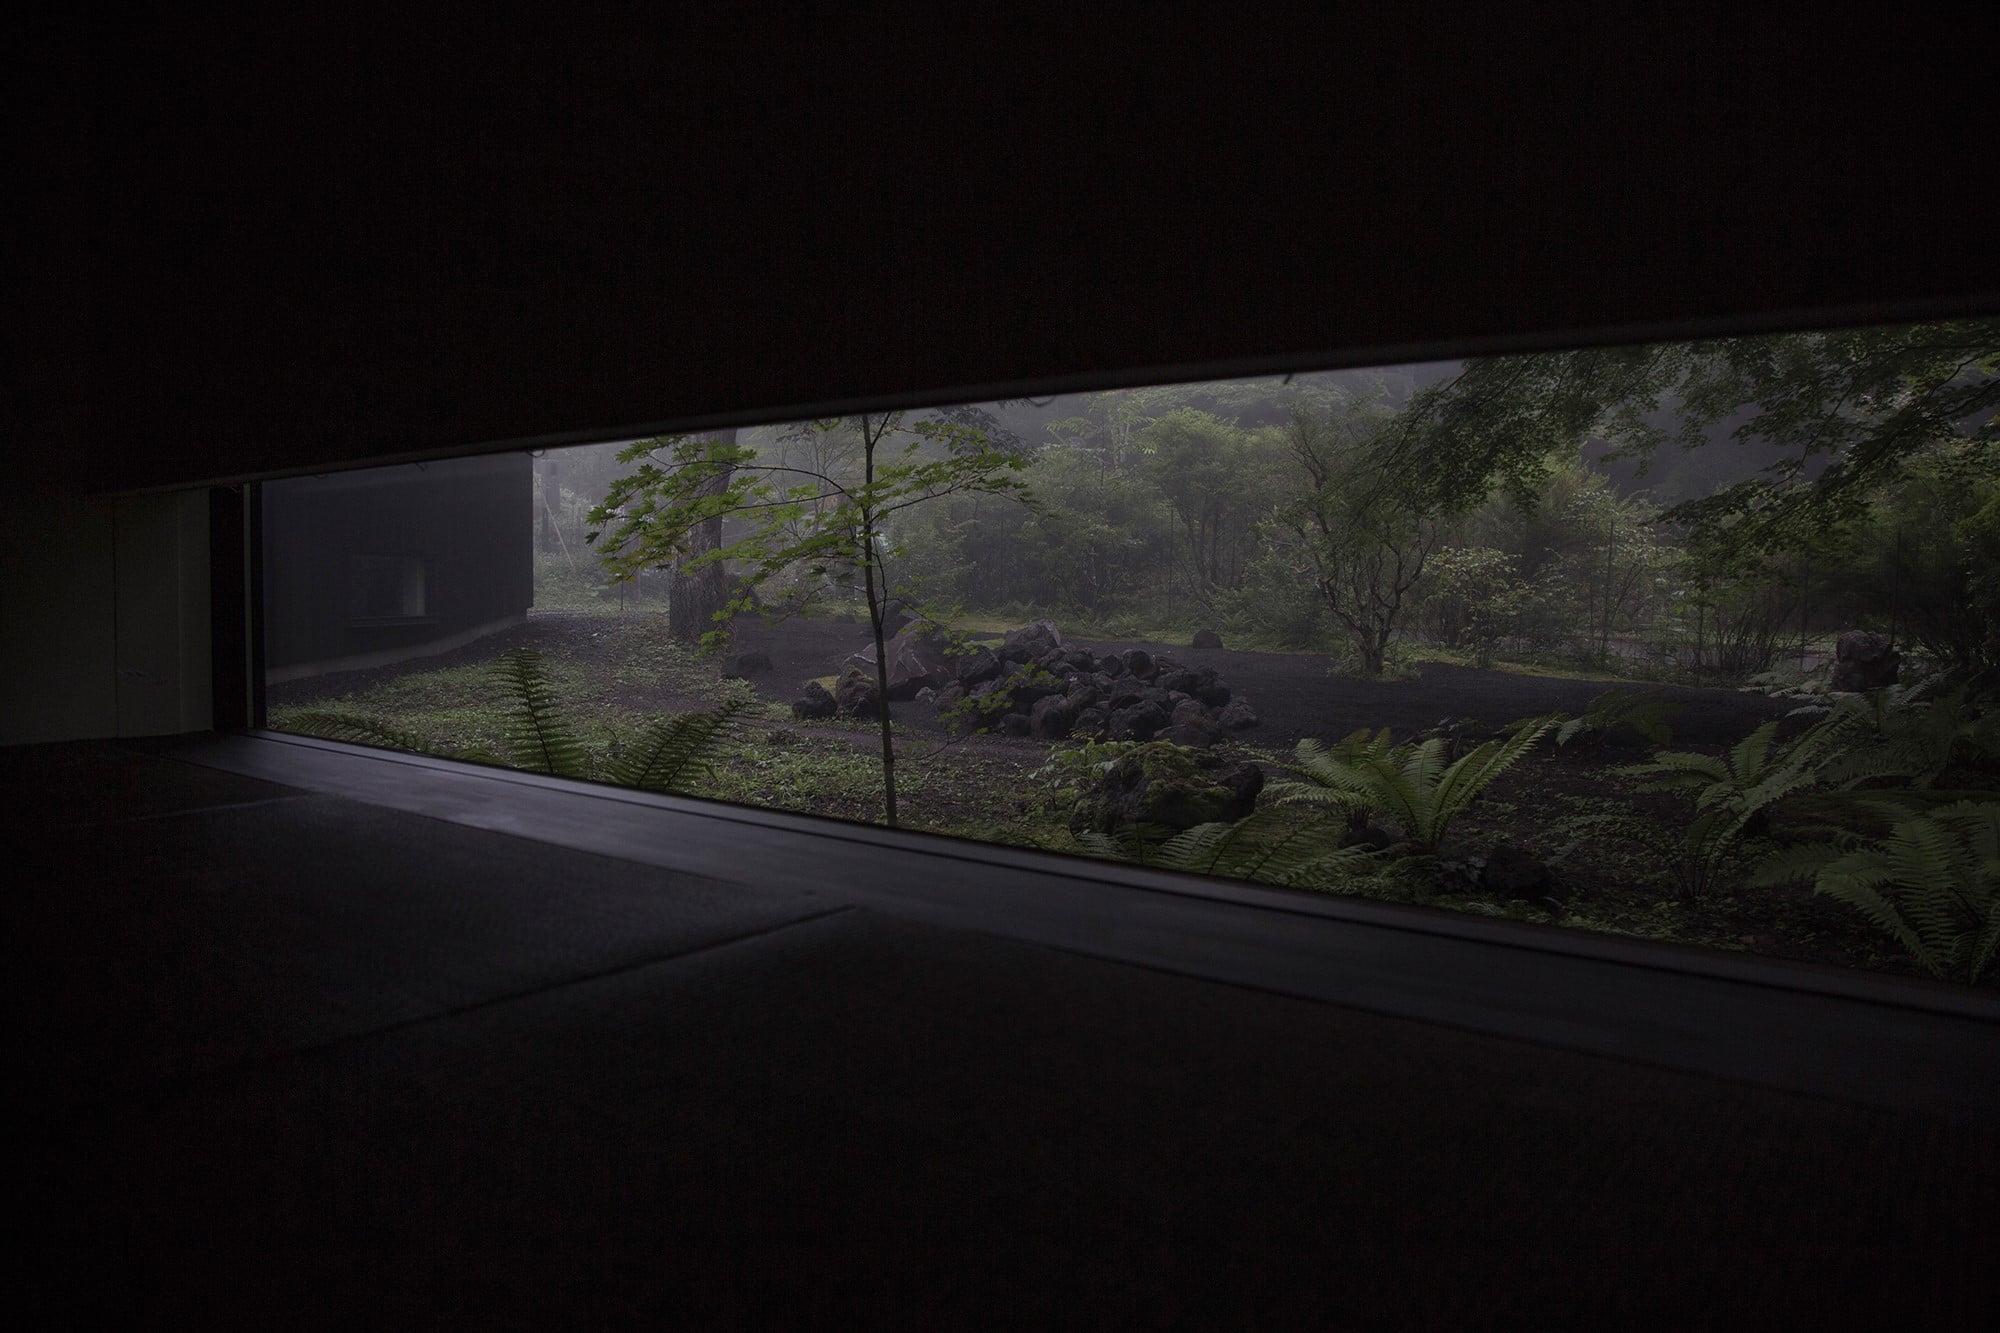 ゲストルームでは寝転んだとき、まるで自然の中に身を委ねているように錯覚する。